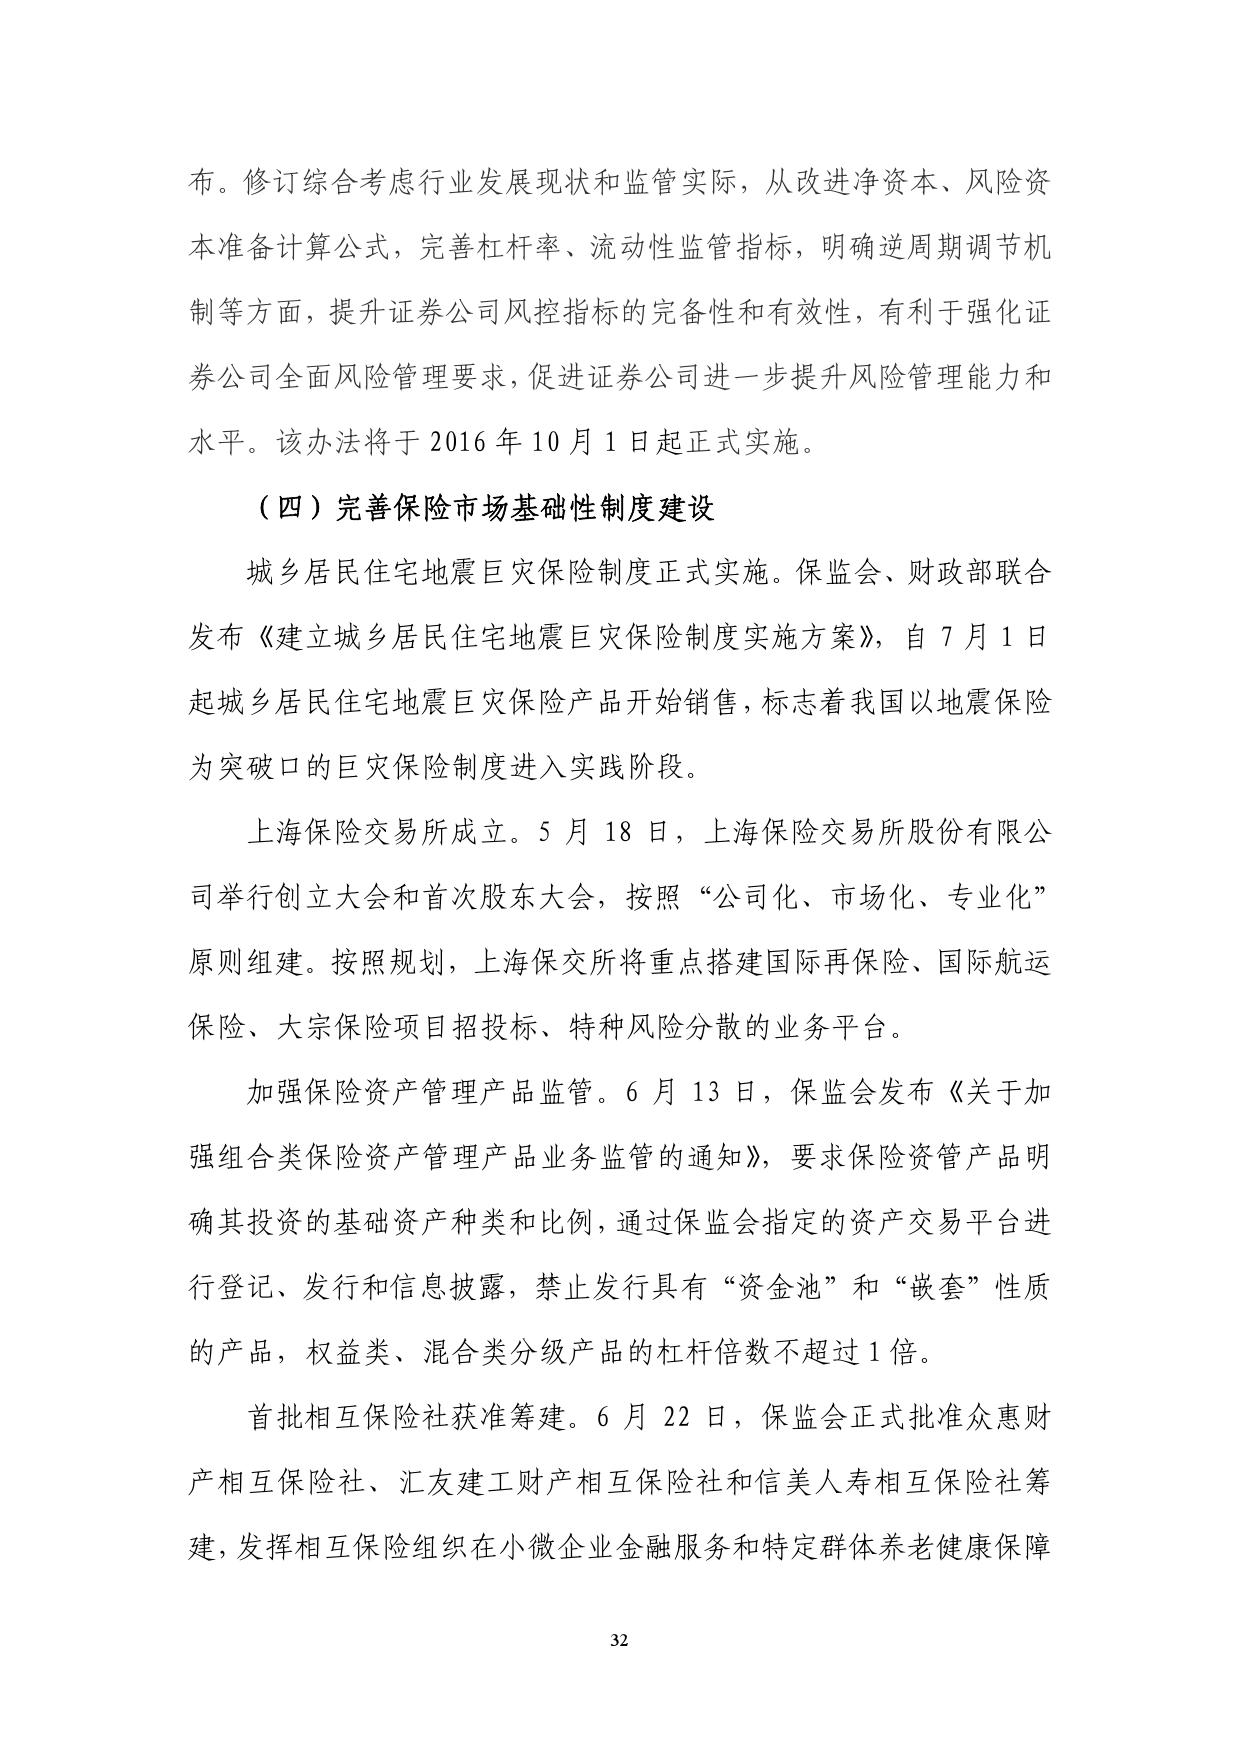 2016年Q2中国货币政策执行报告_000038